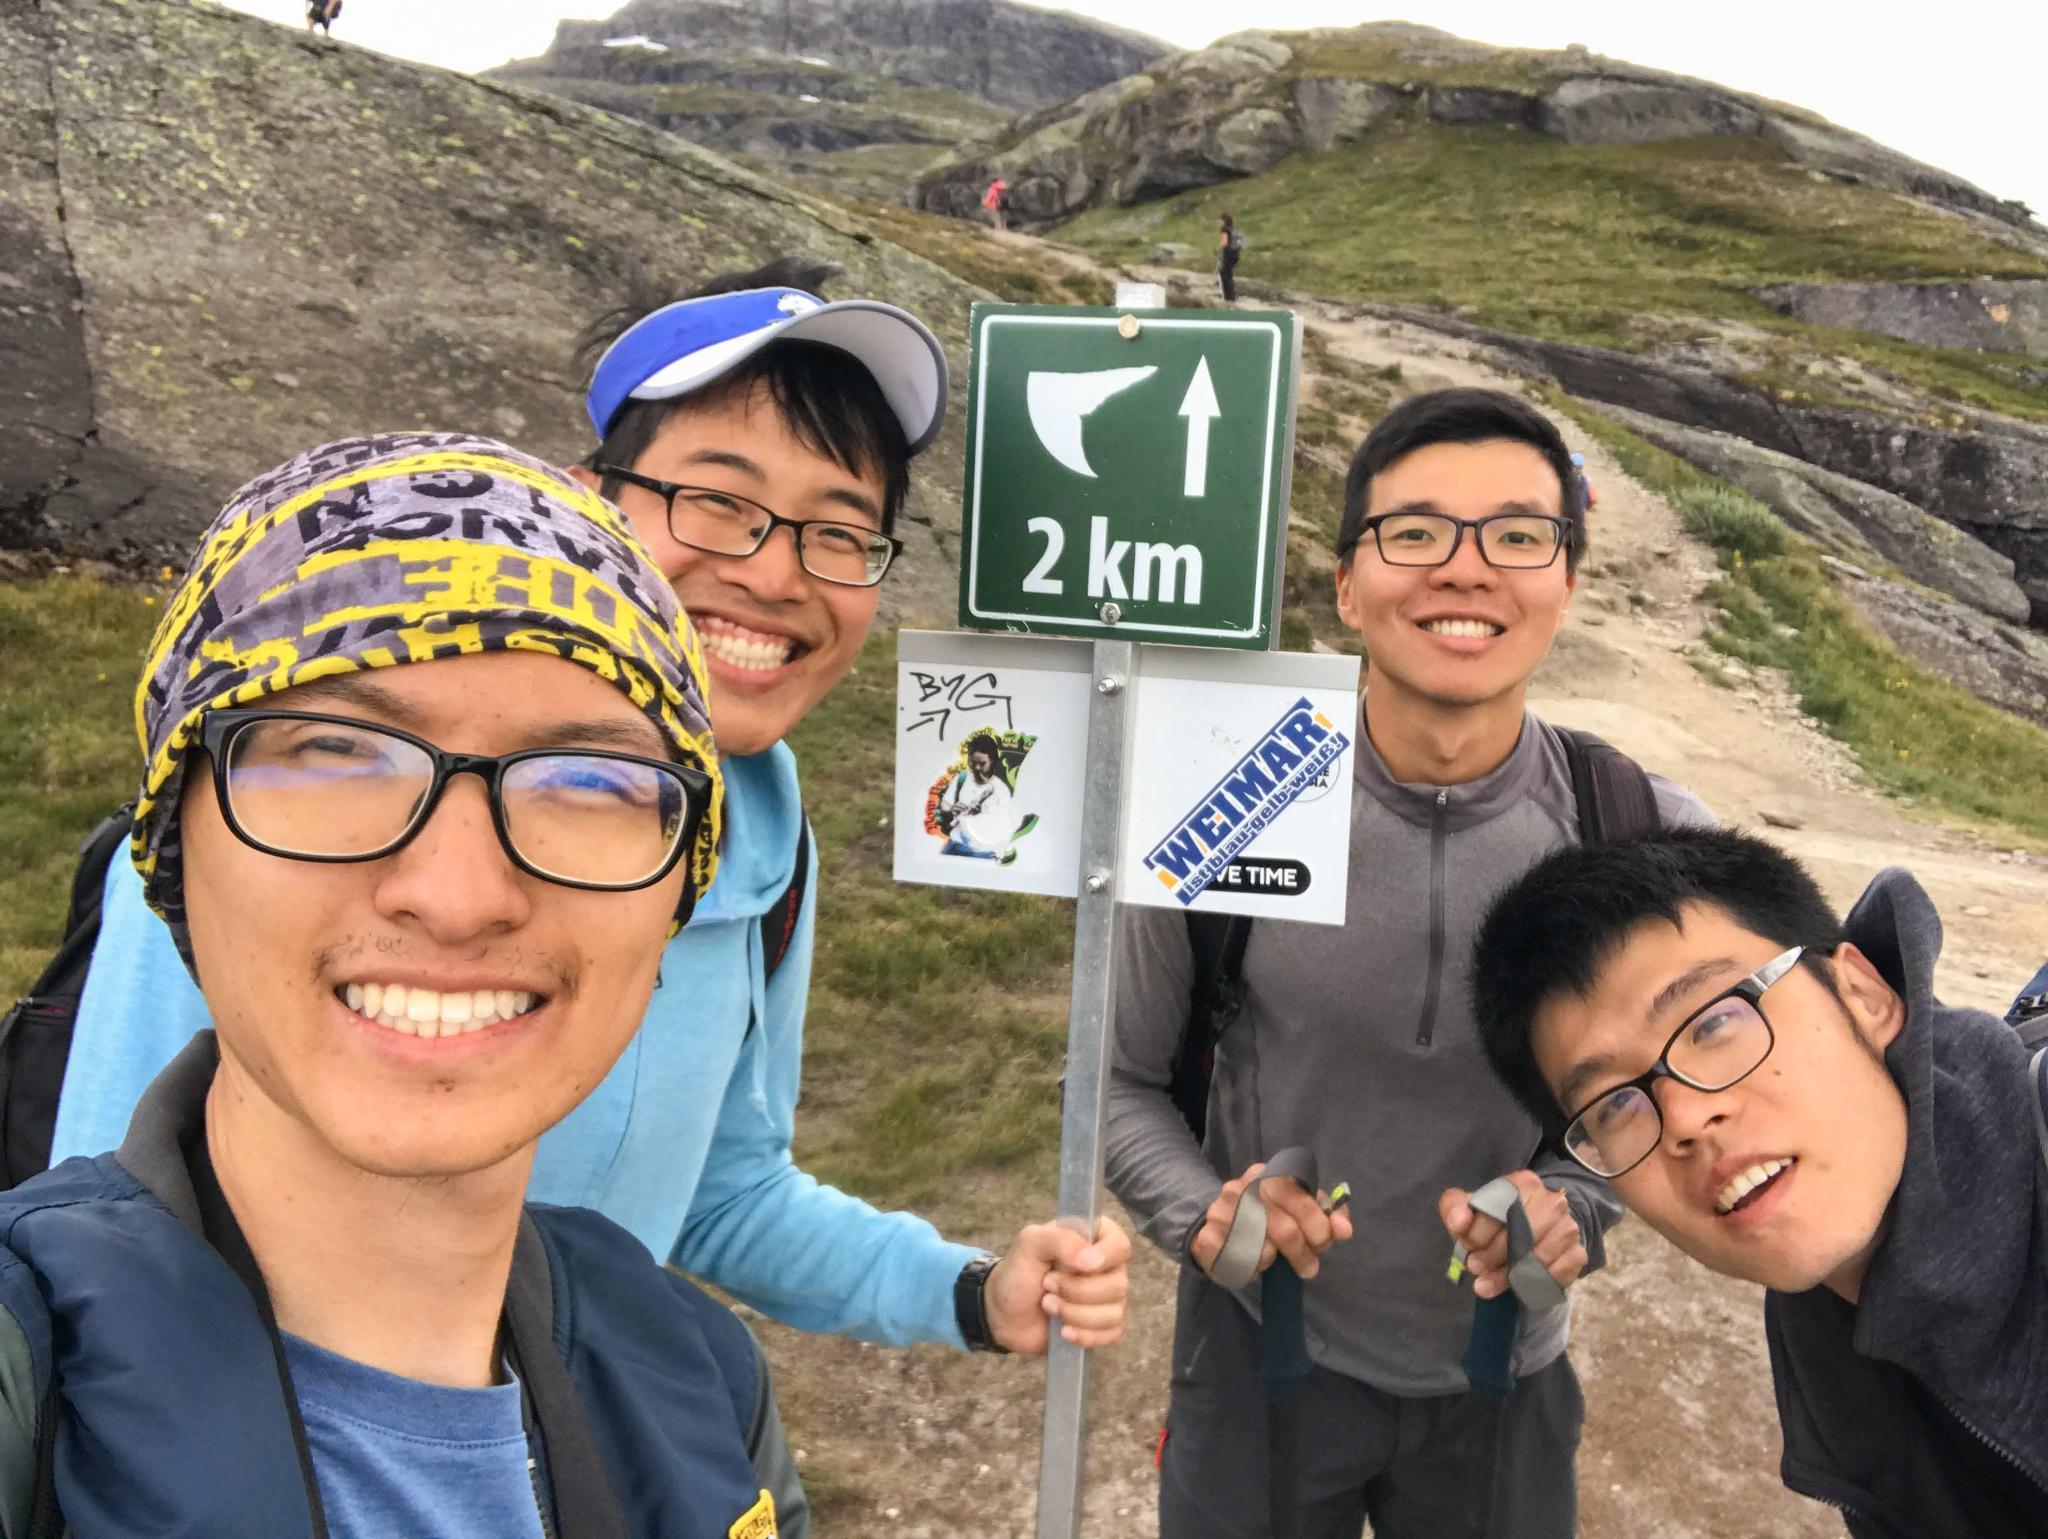 【北歐景點】挪威惡魔之舌 Trolltunga — 28公里健行挑戰全攻略 218